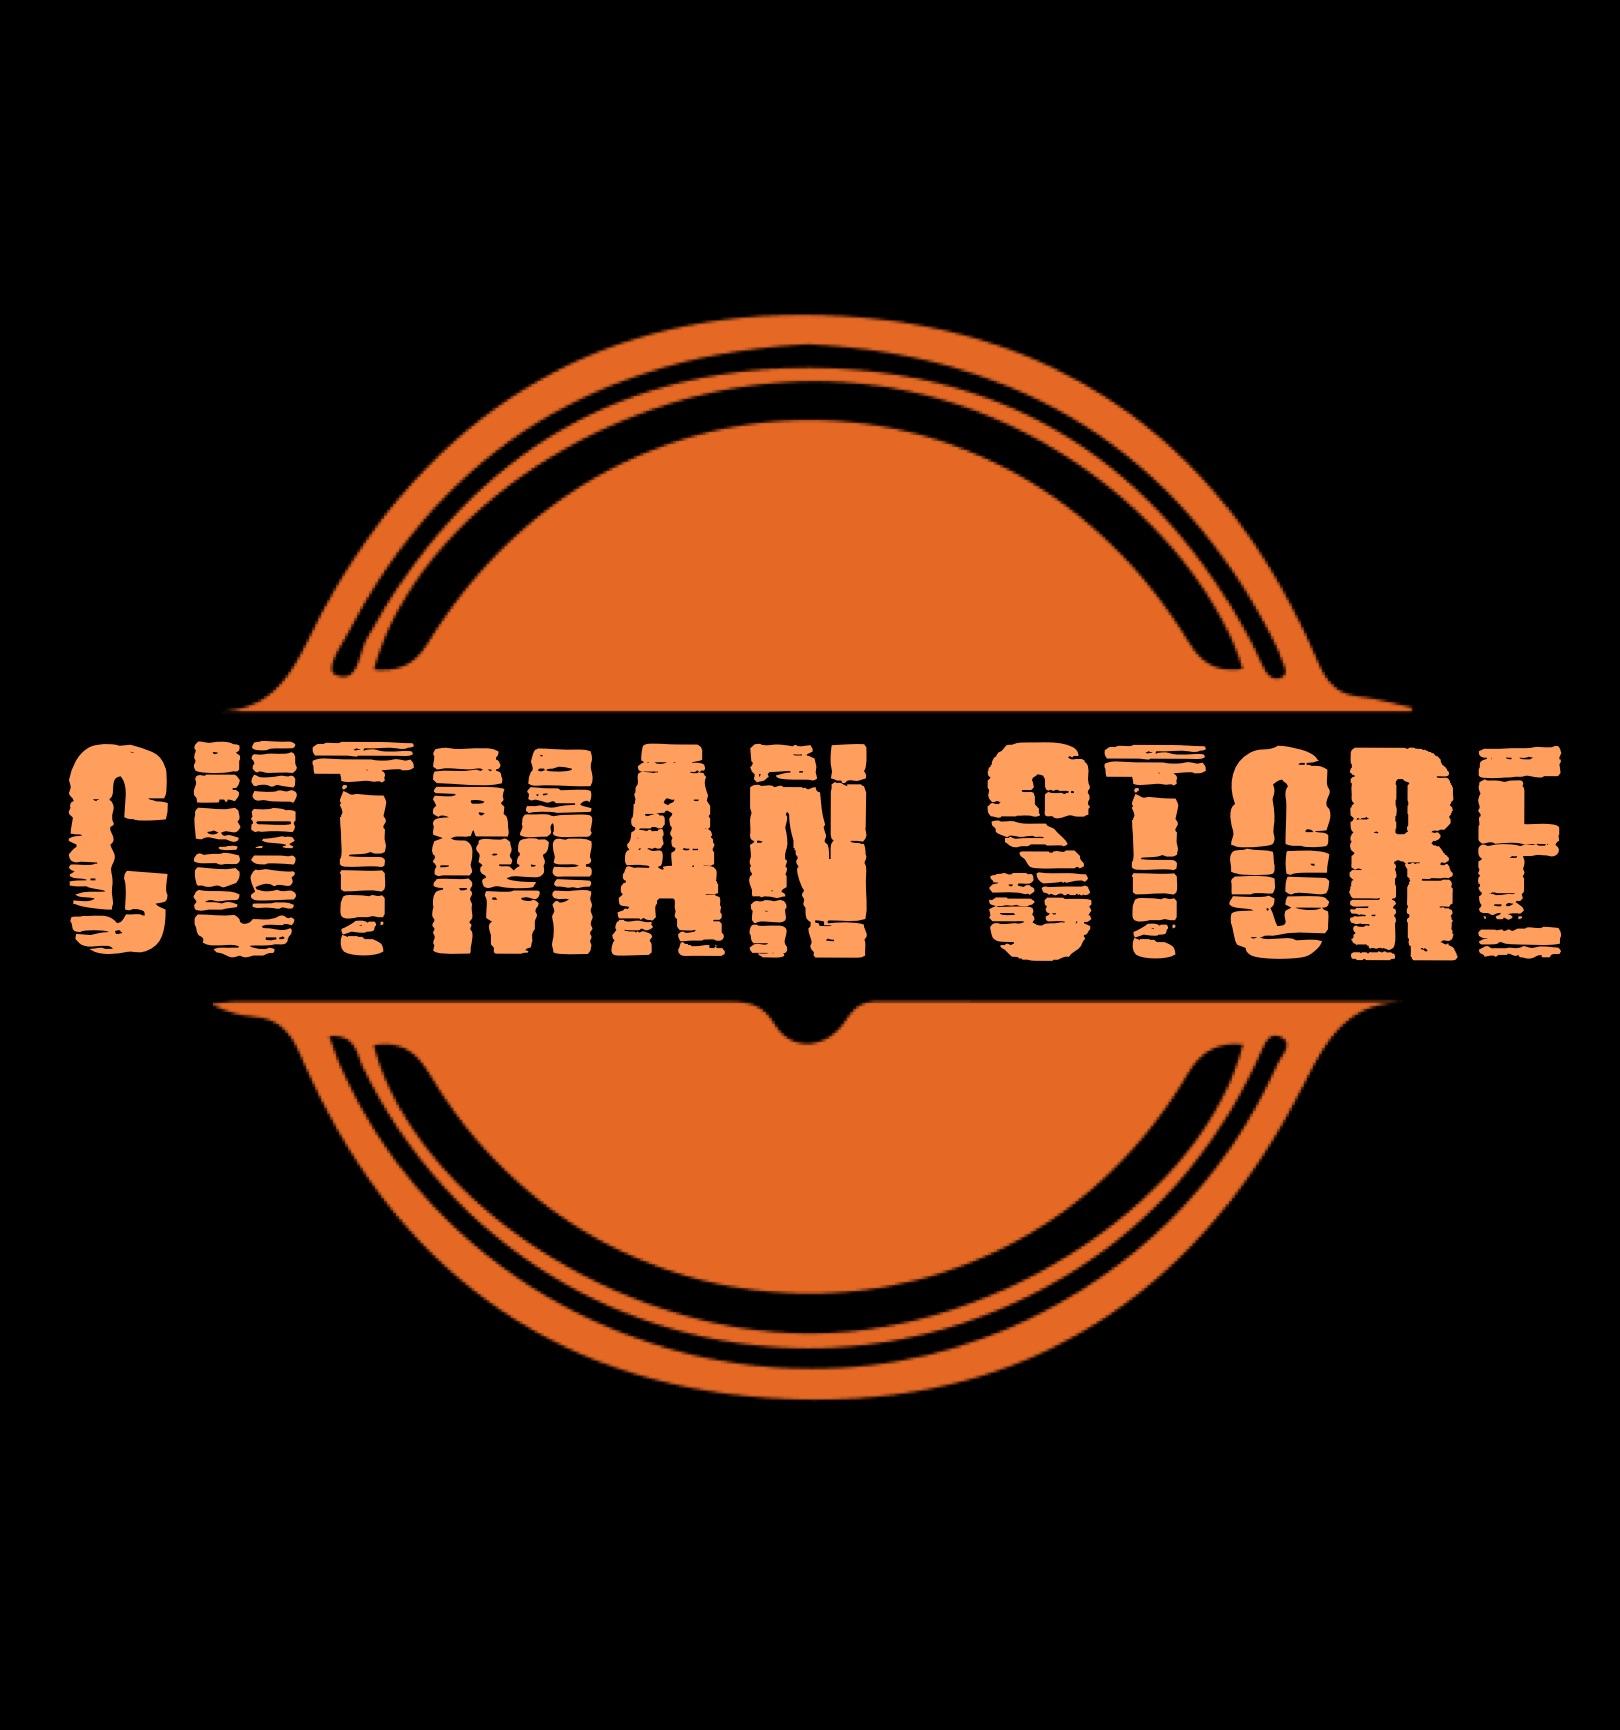 Cutman Store